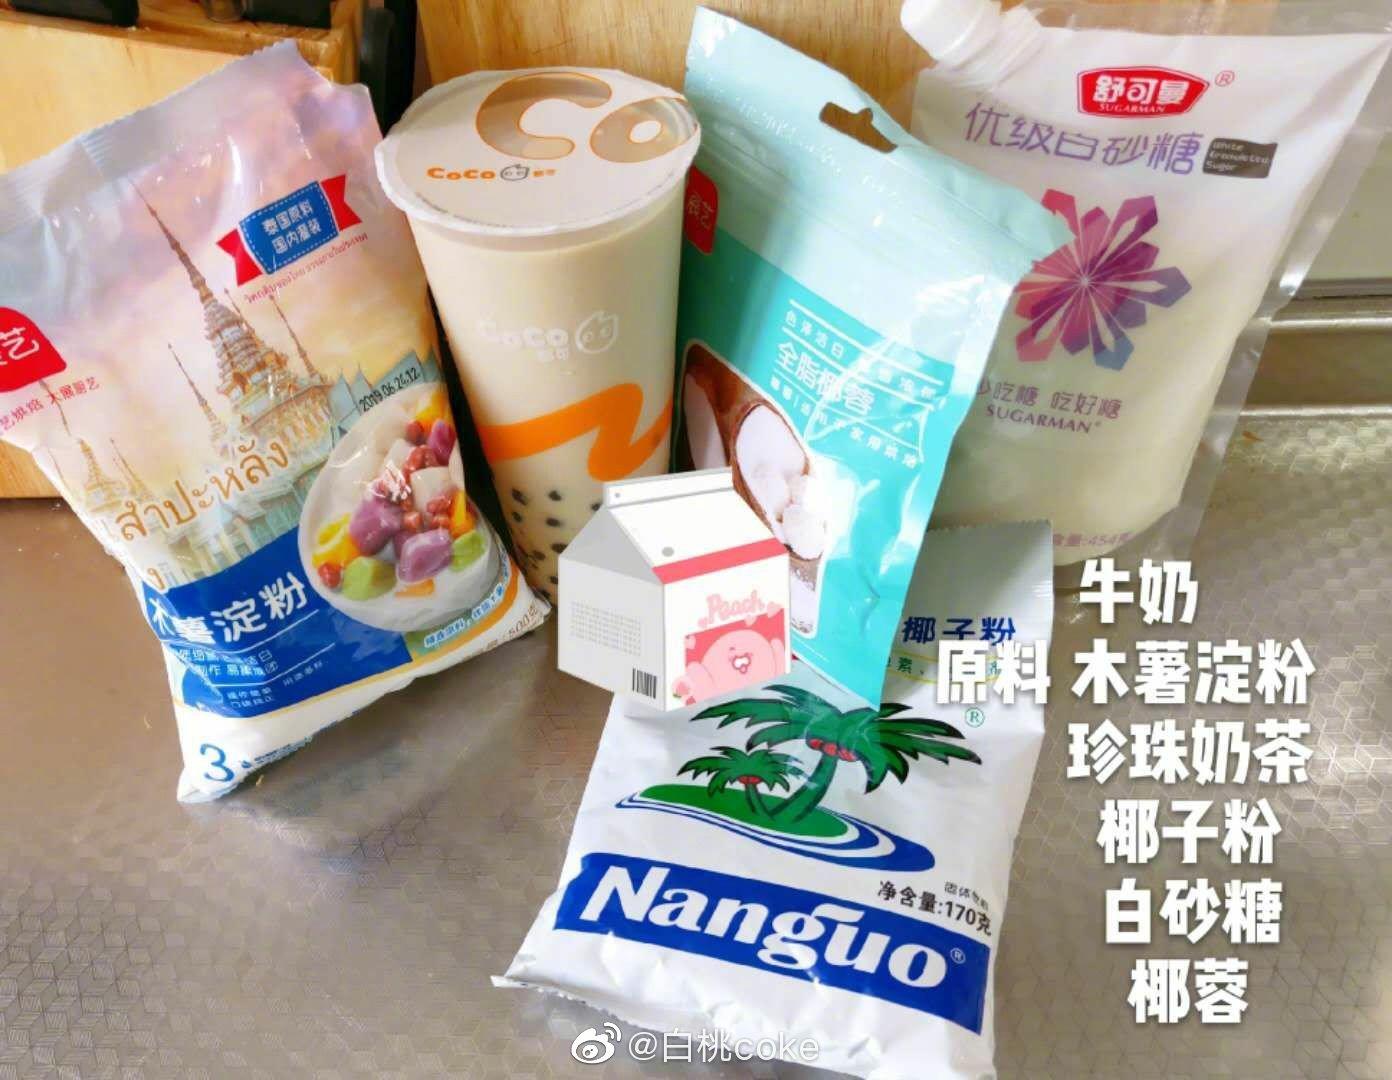 今日份小食推荐之椰香珍珠奶茶冻  (´∀`)♡  奶茶星人桃子   某天